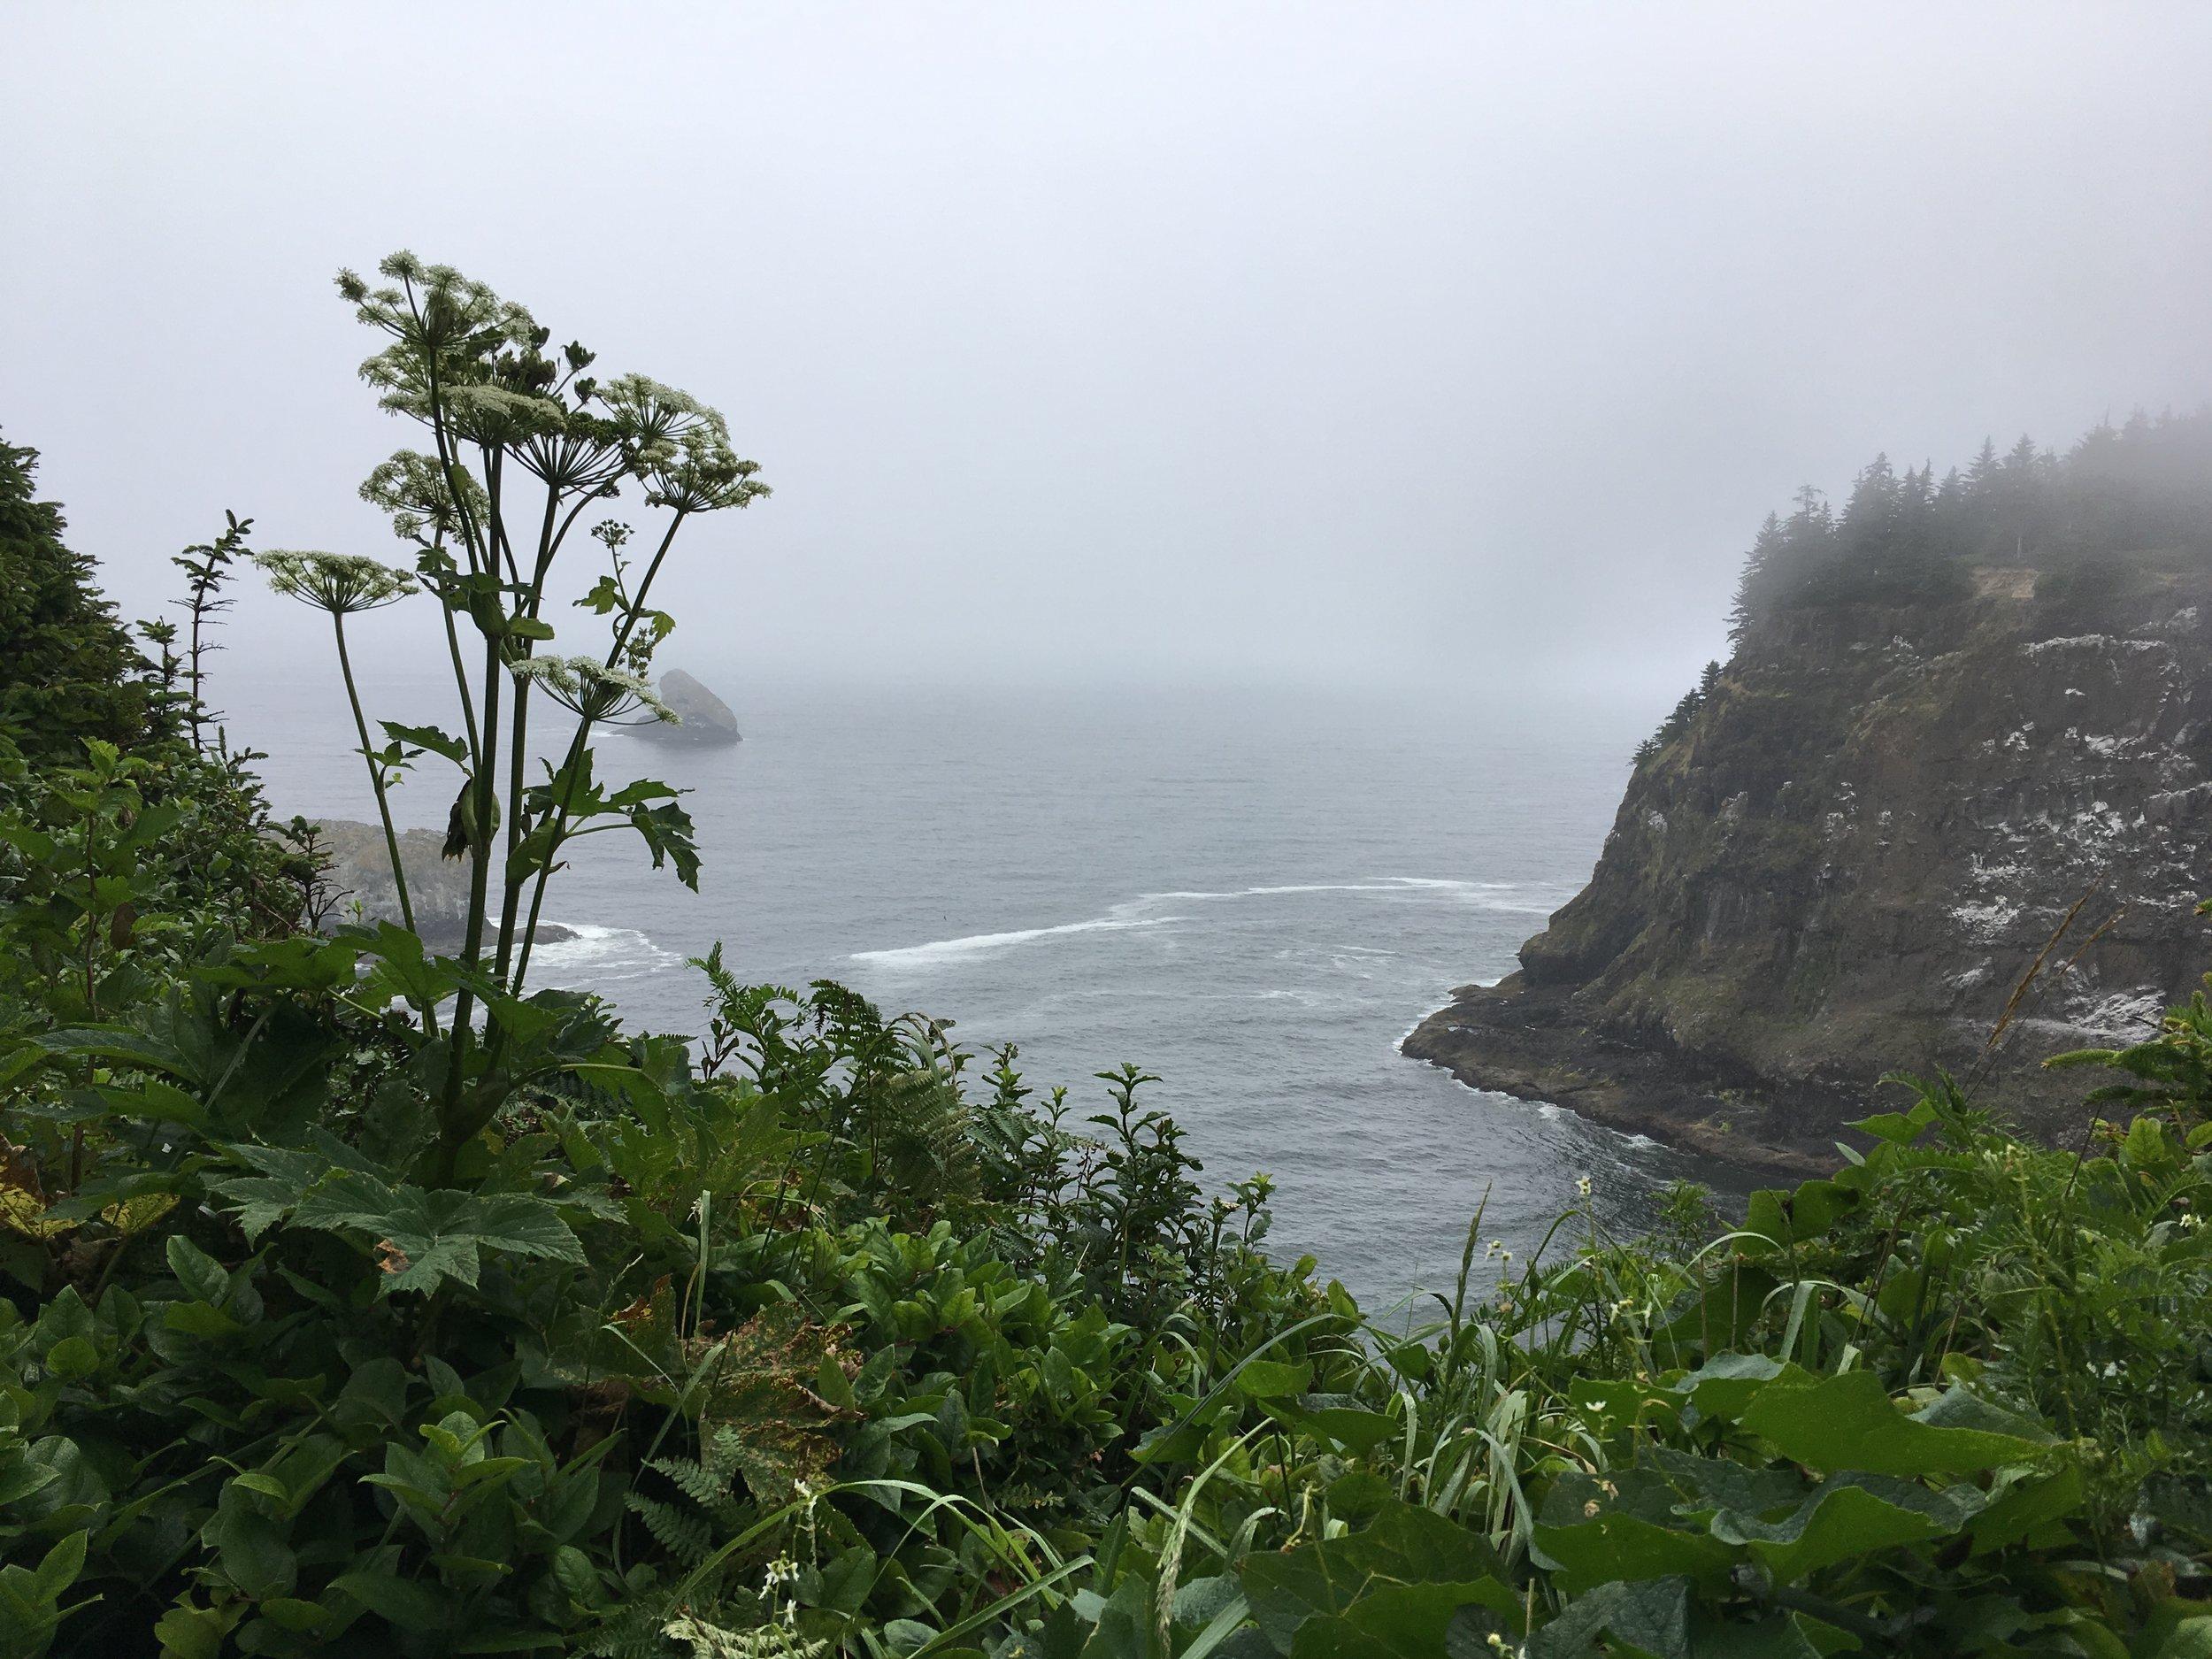 The dramatic Oregon coast.